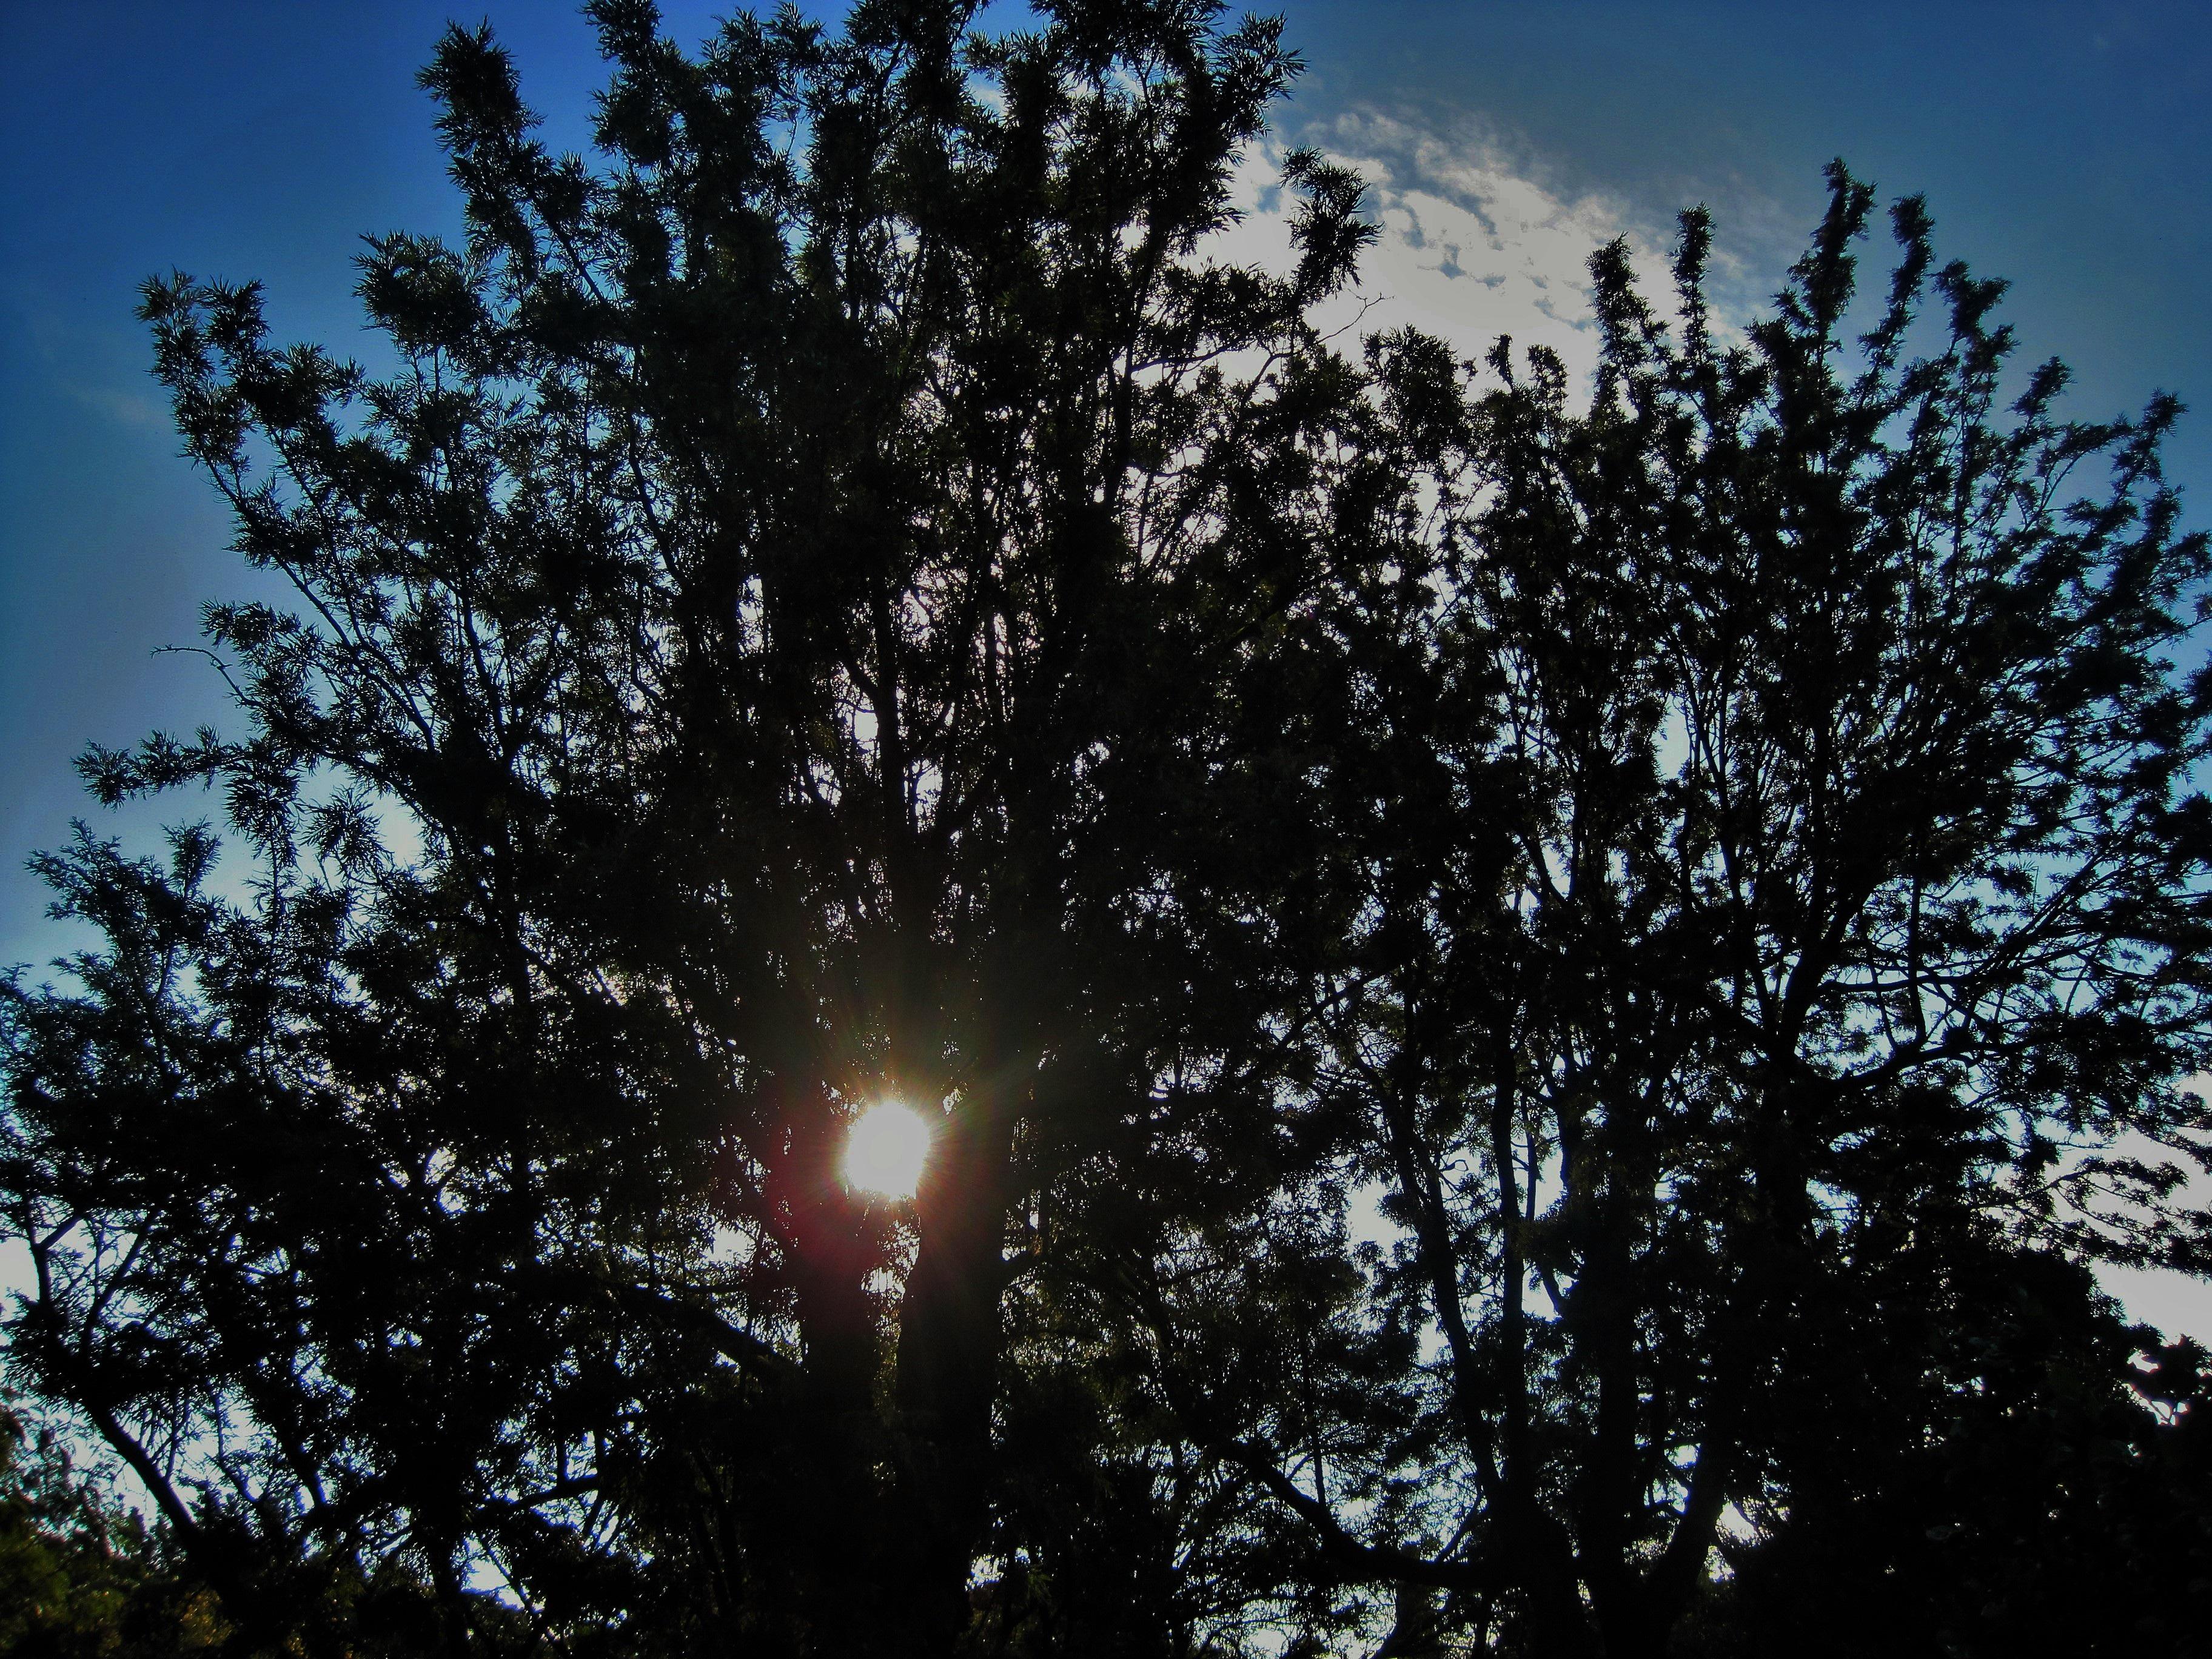 Gambar Pohon Alam Cahaya Awan Menanam Langit Sinar